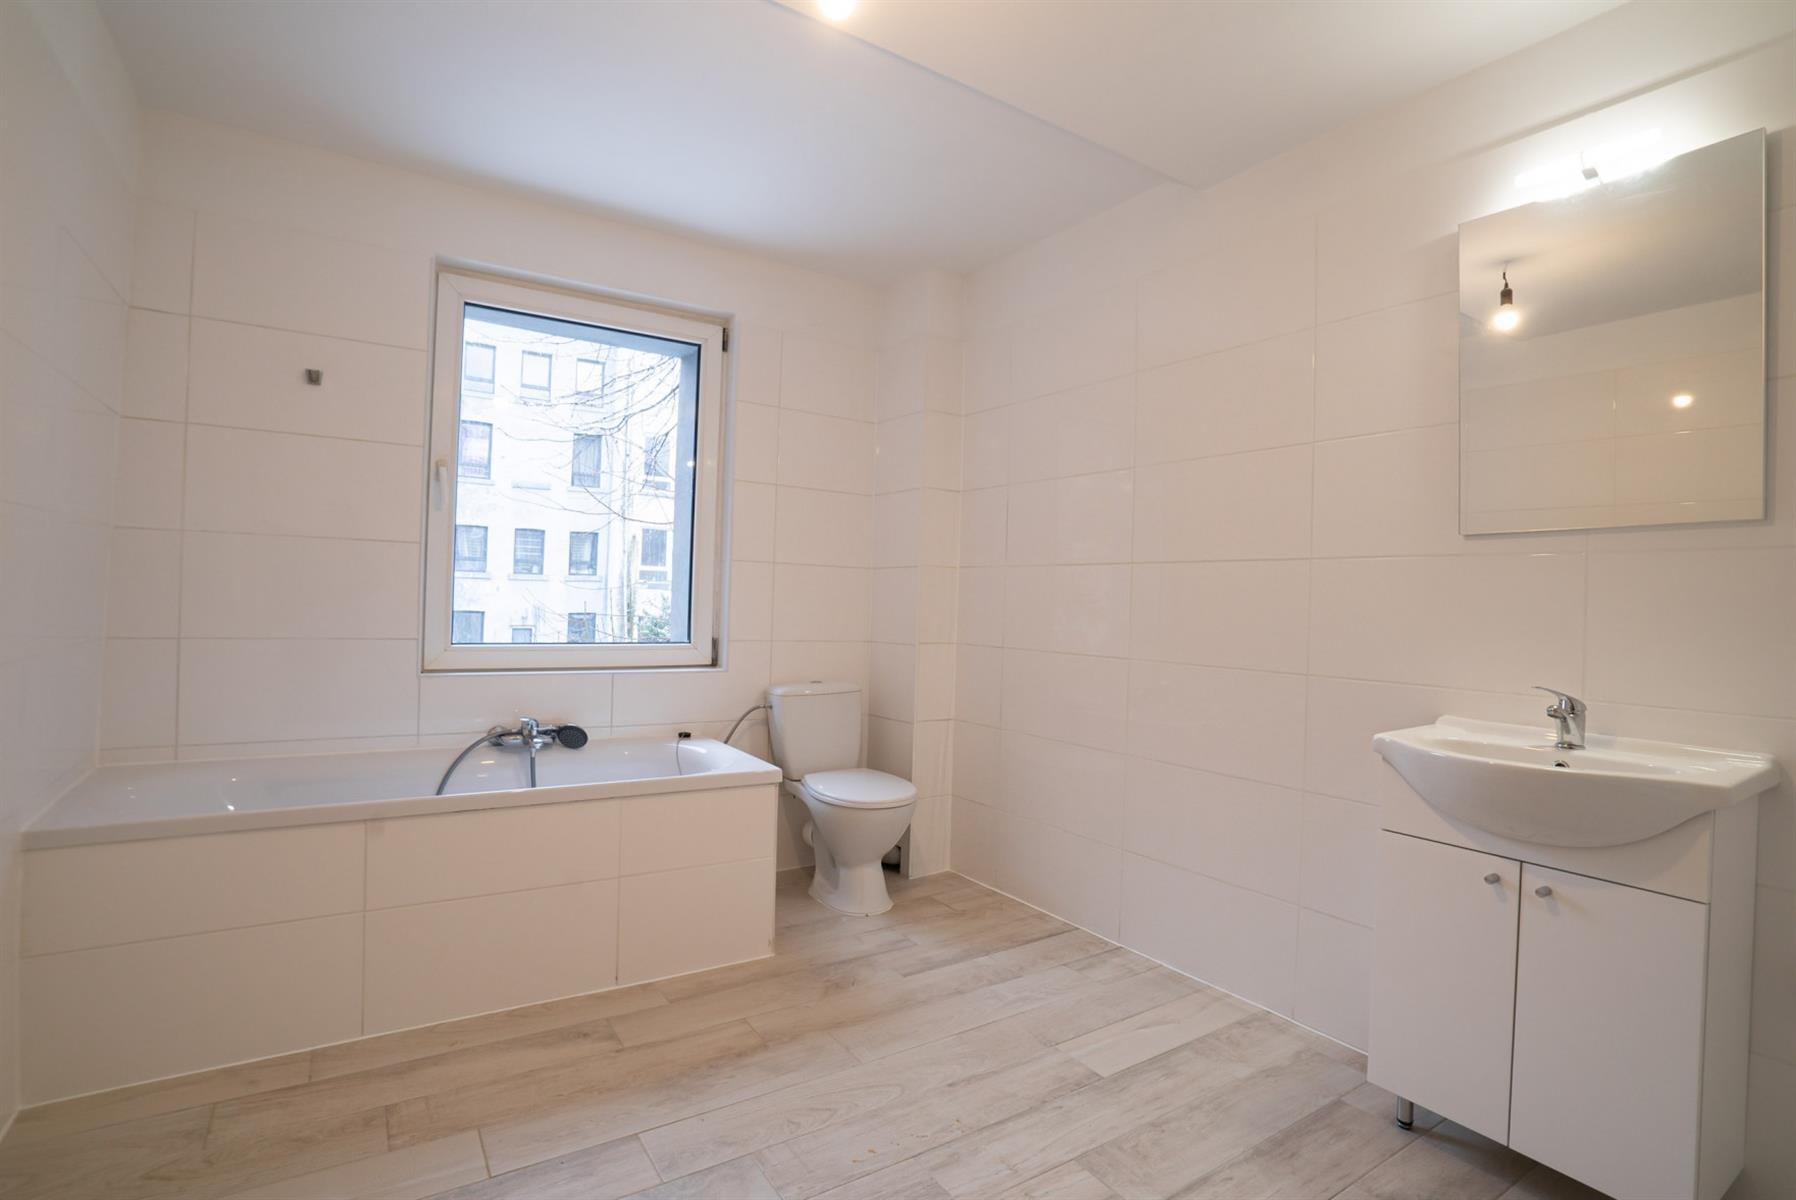 Appartement - Verviers - #4238531-6